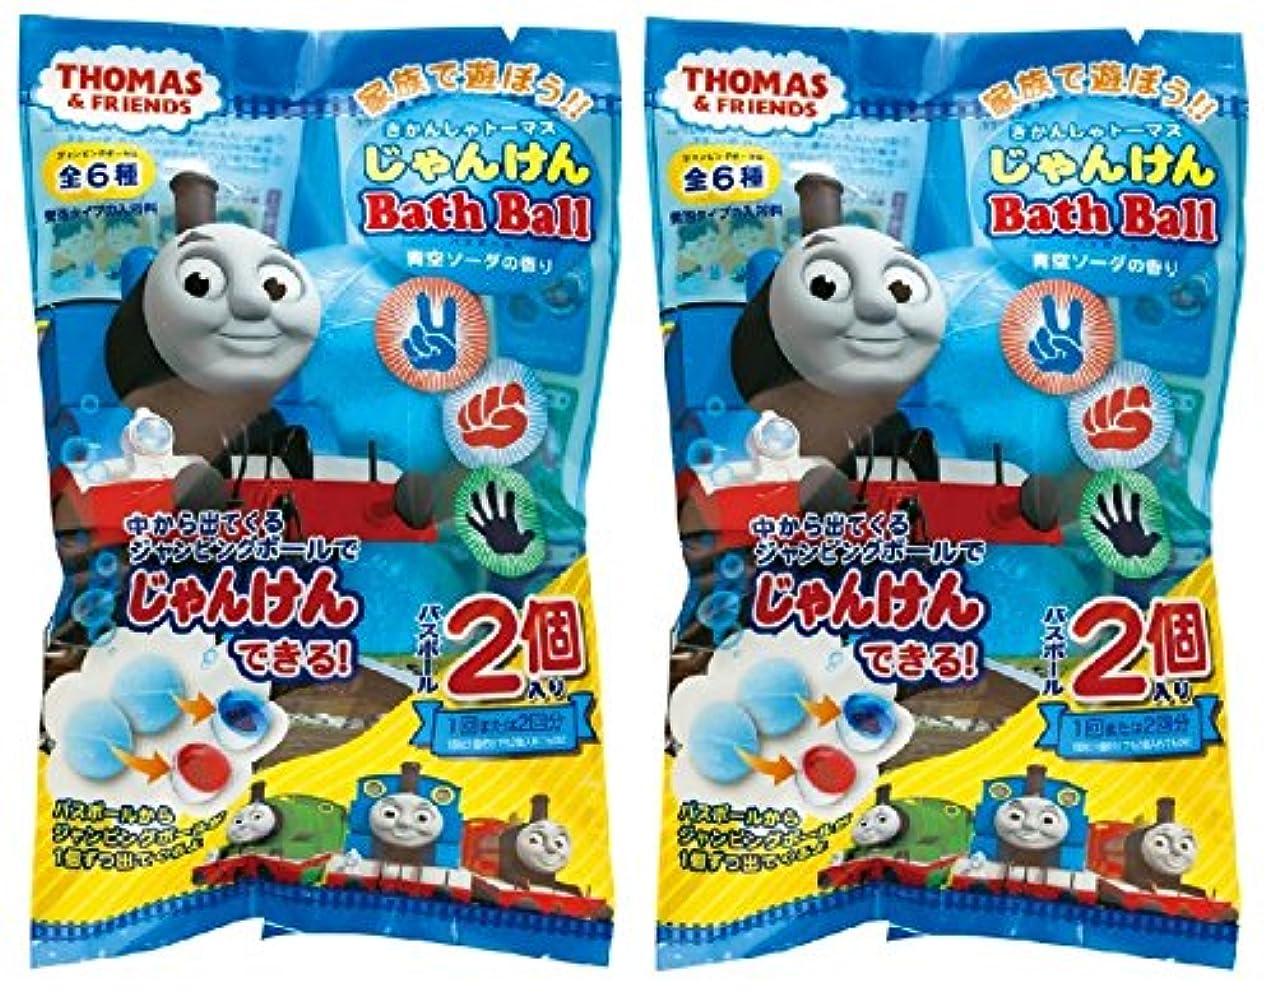 チョコレートより生態学【2袋セット】きかんしゃトーマス 入浴剤 じゃんけんバスボール 2個入り おまけ付き 青色ソーダの香り OB-TOB-4-1